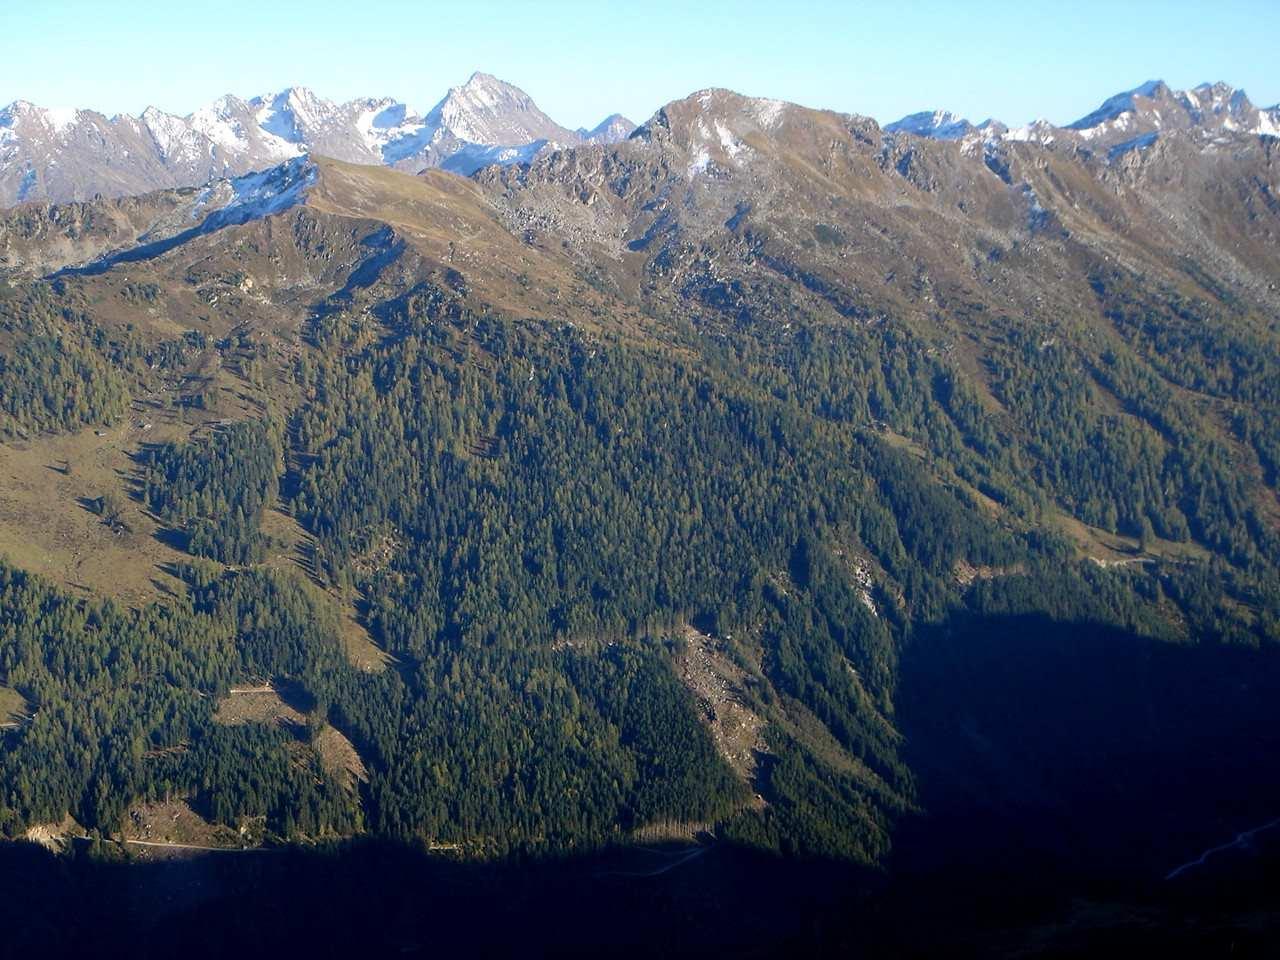 Foto: Manfred Karl / Wander Tour / Gipfelrunde von der Reiteralm auf den Schober (2133m) / Blickrichtung Hochgolling / 19.06.2007 05:57:33